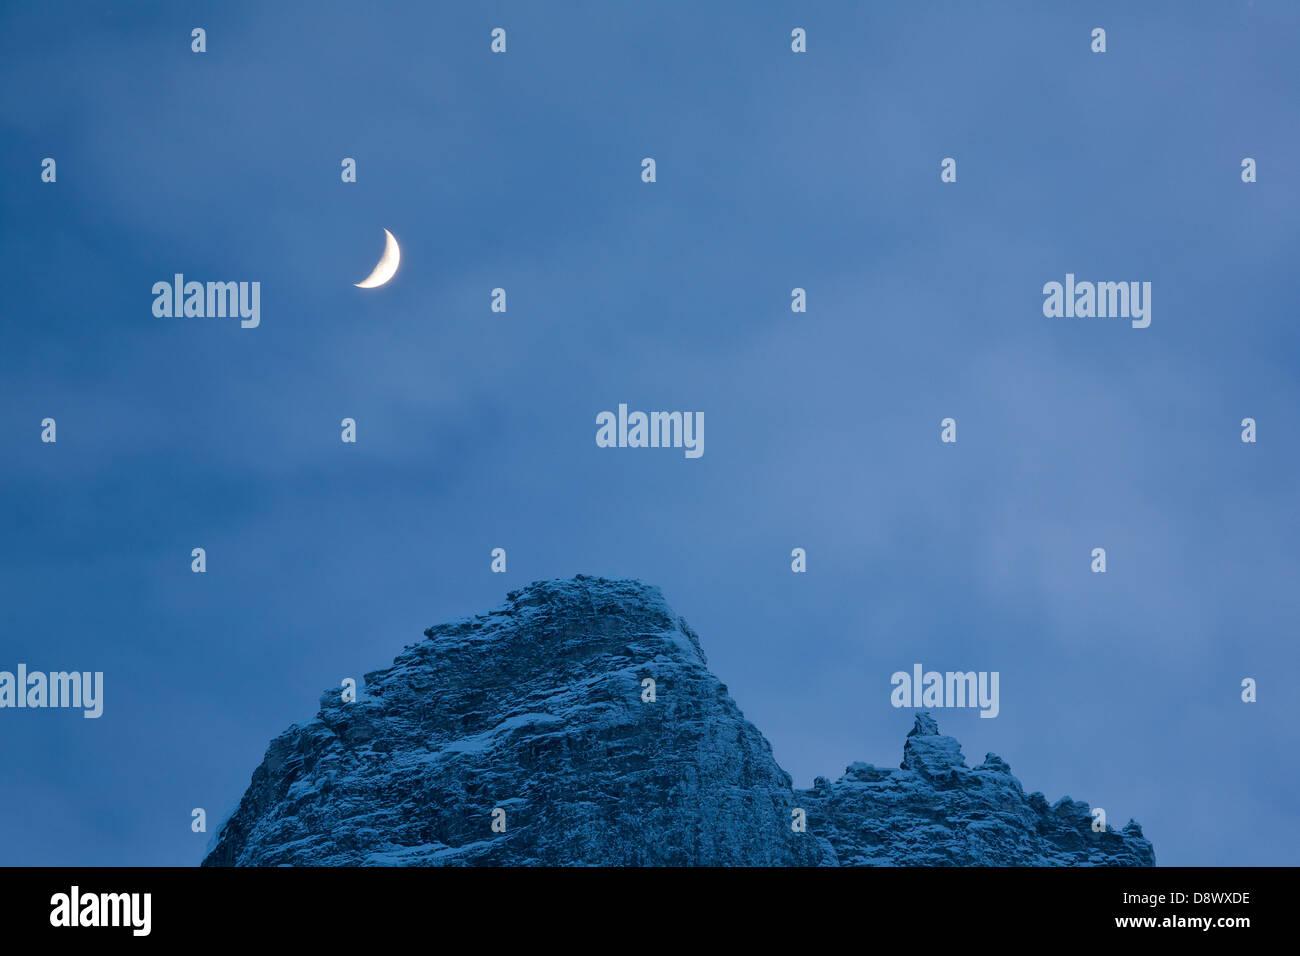 Mond über dem Gipfel Trollryggen, Tal Romsdalen, Rauma Kommune, Møre Og Romsdal Fylke, Norwegen. Stockbild